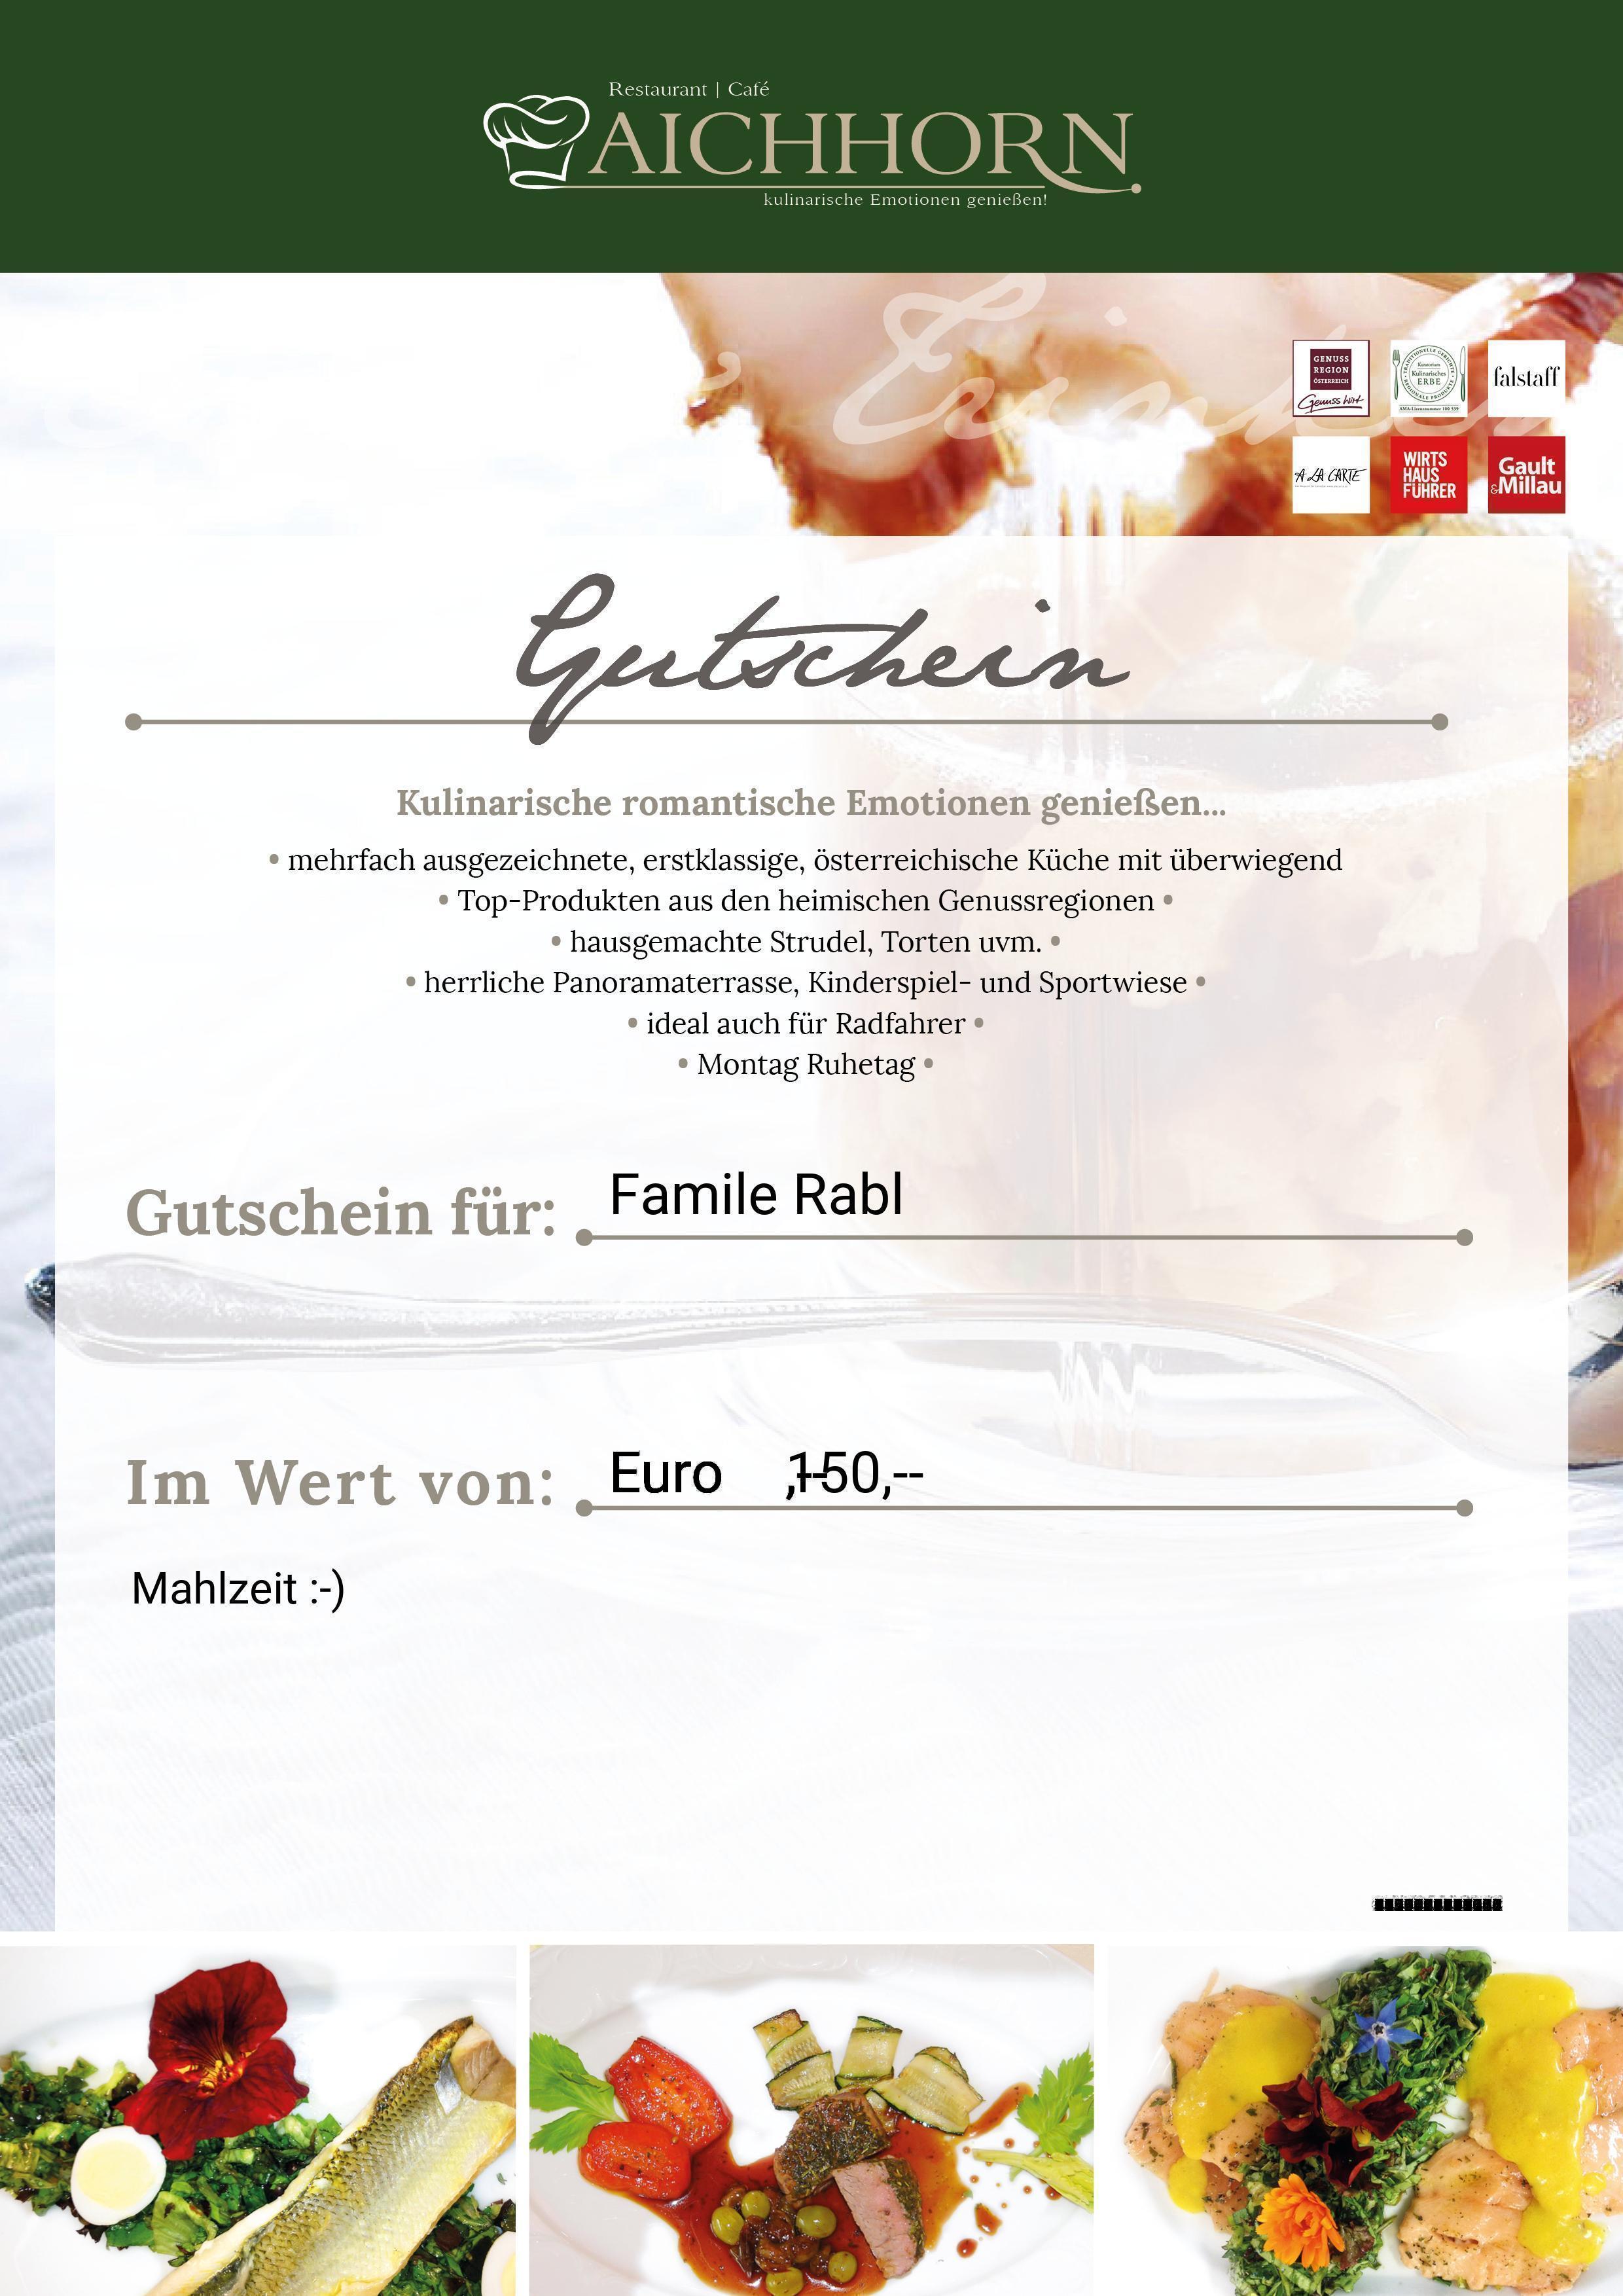 Schön Gutschein Beispiele Ideen - FORTSETZUNG ARBEITSBLATT - naroch.info